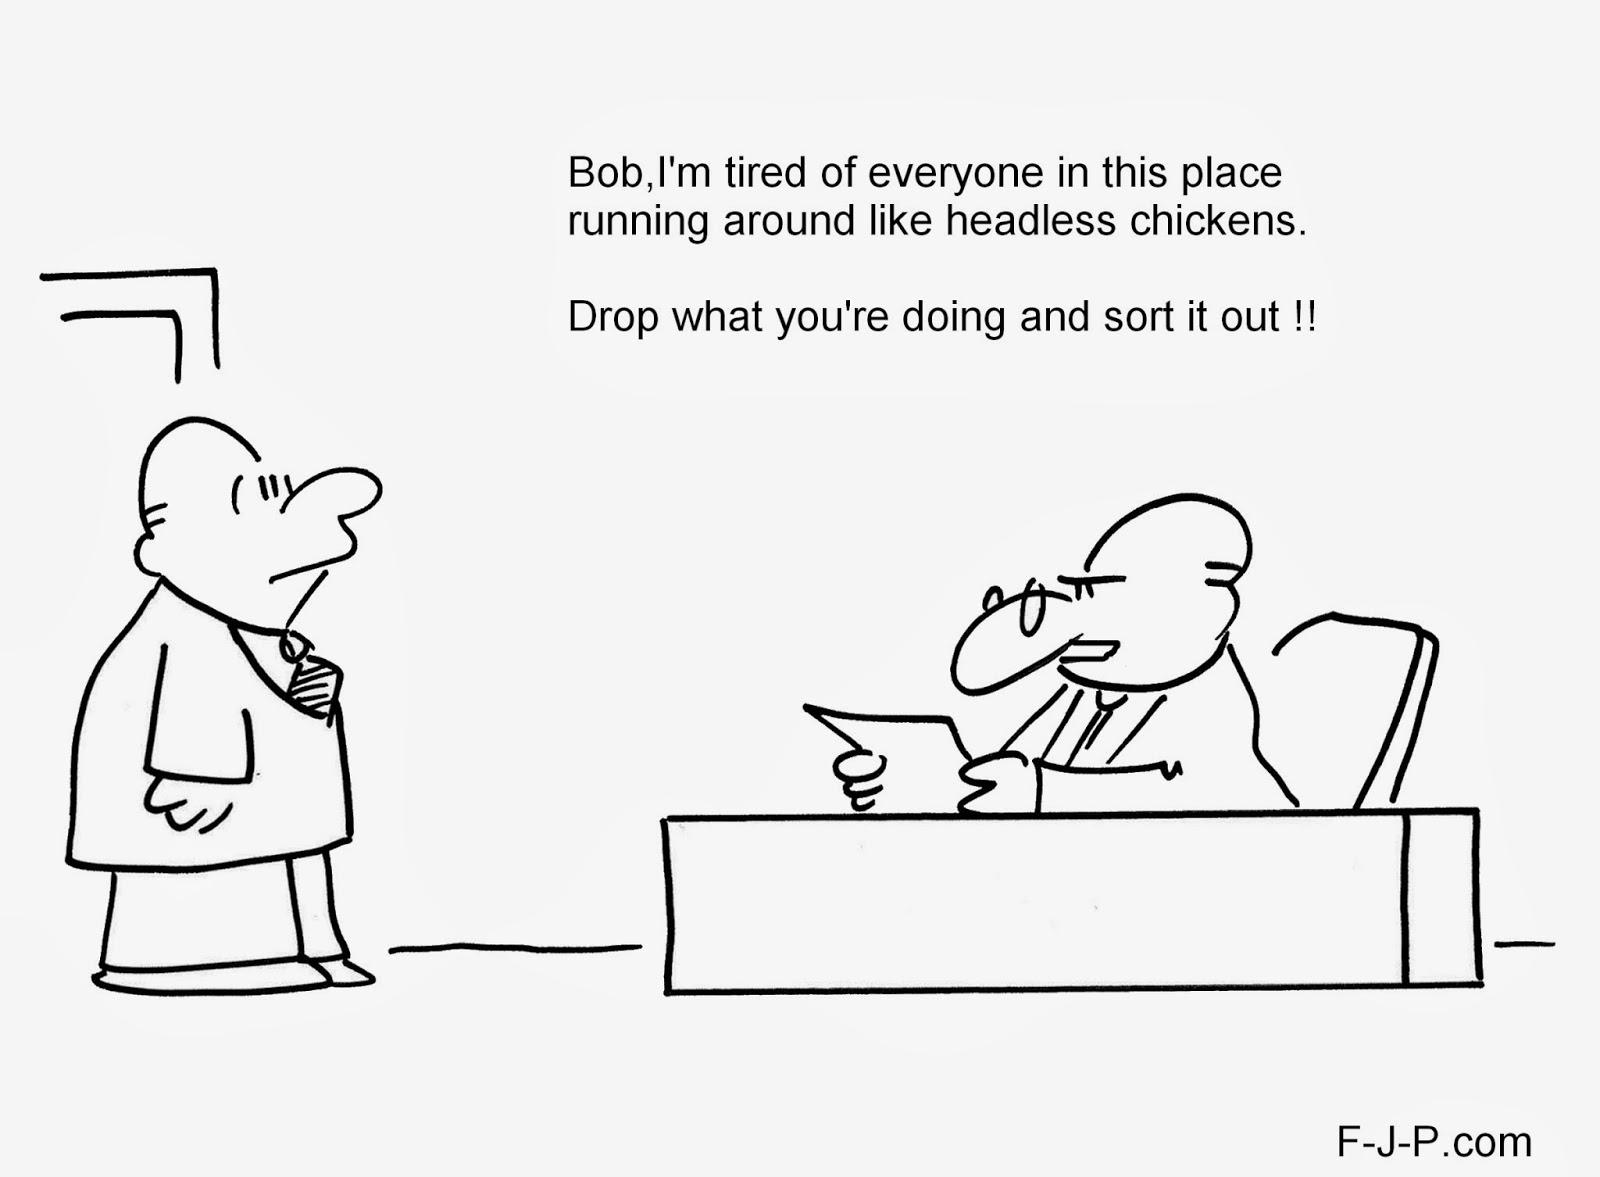 Funny Headless Chicken Boss Cartoon Joke Picture